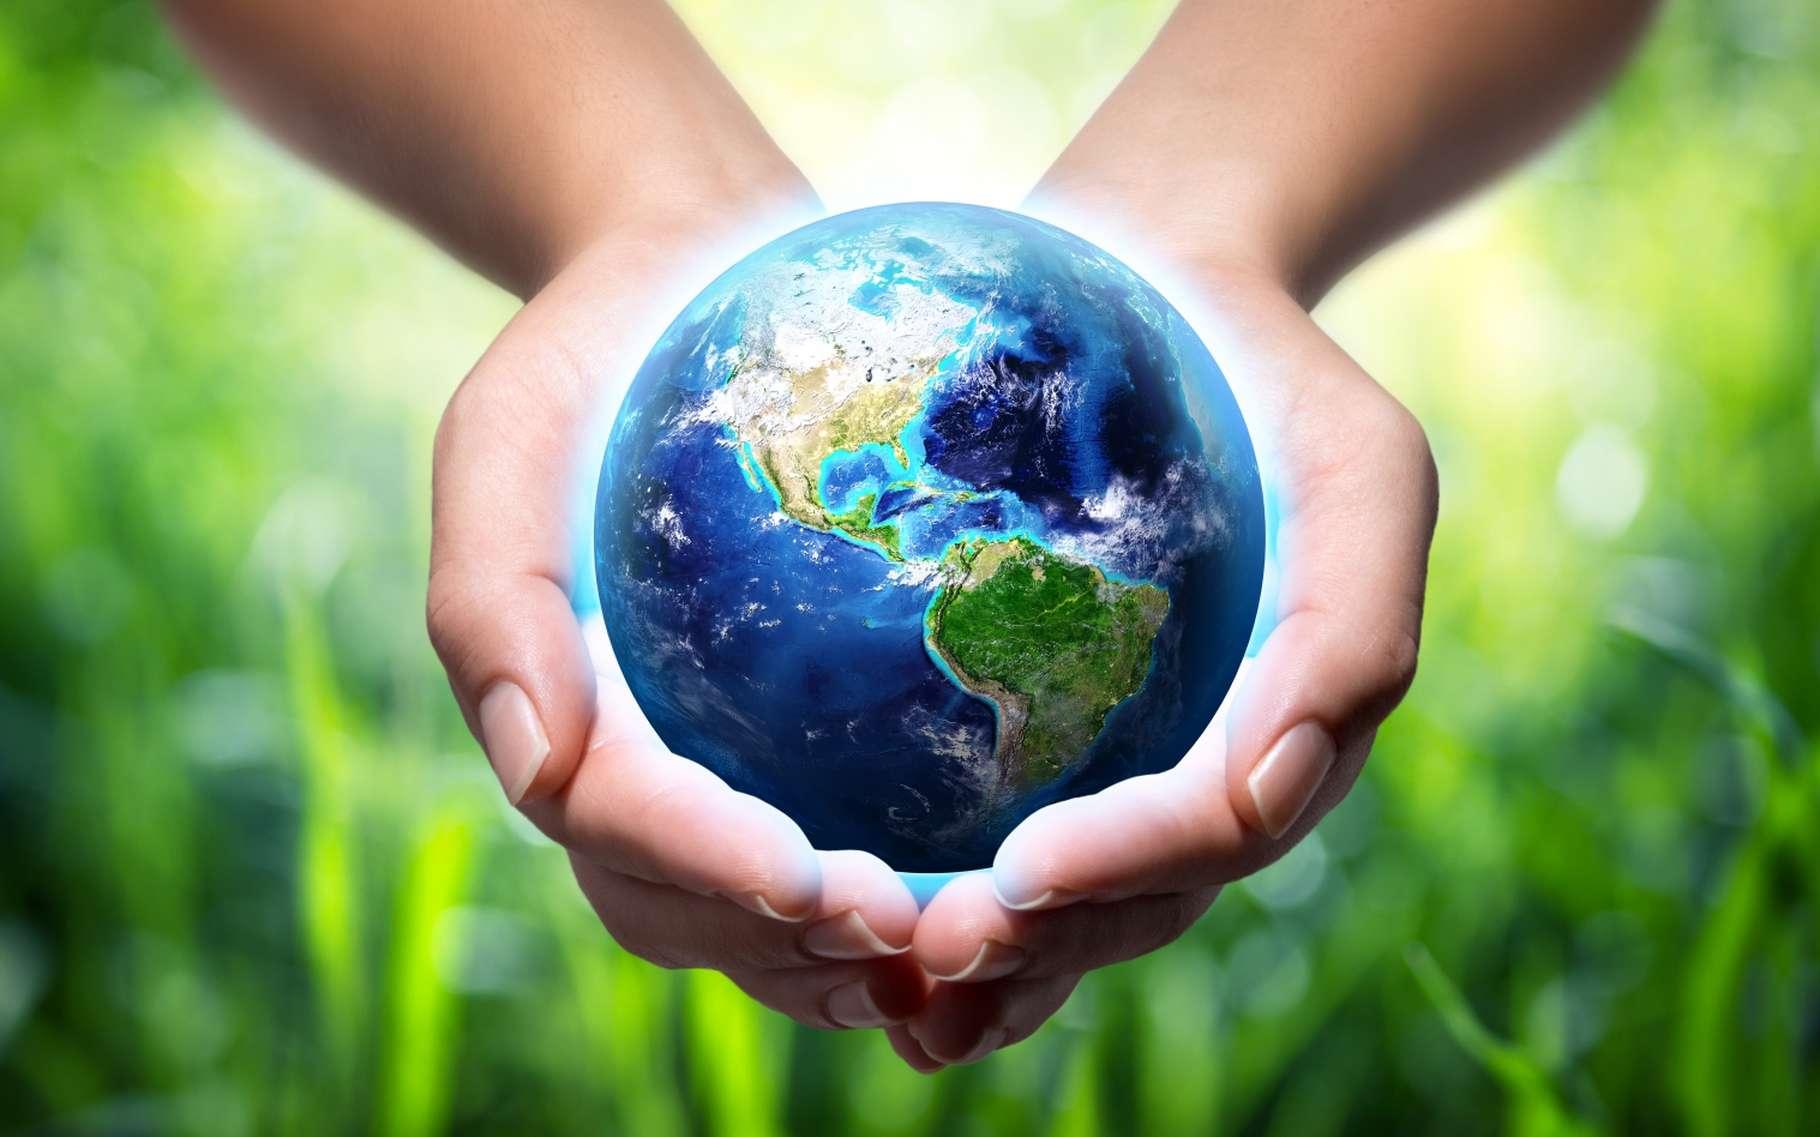 La COP 22 s'est achevée avec un peu d'amertume mais de nombreux programmes sont déjà lancés. © Romolo Tavani, Shutterstock